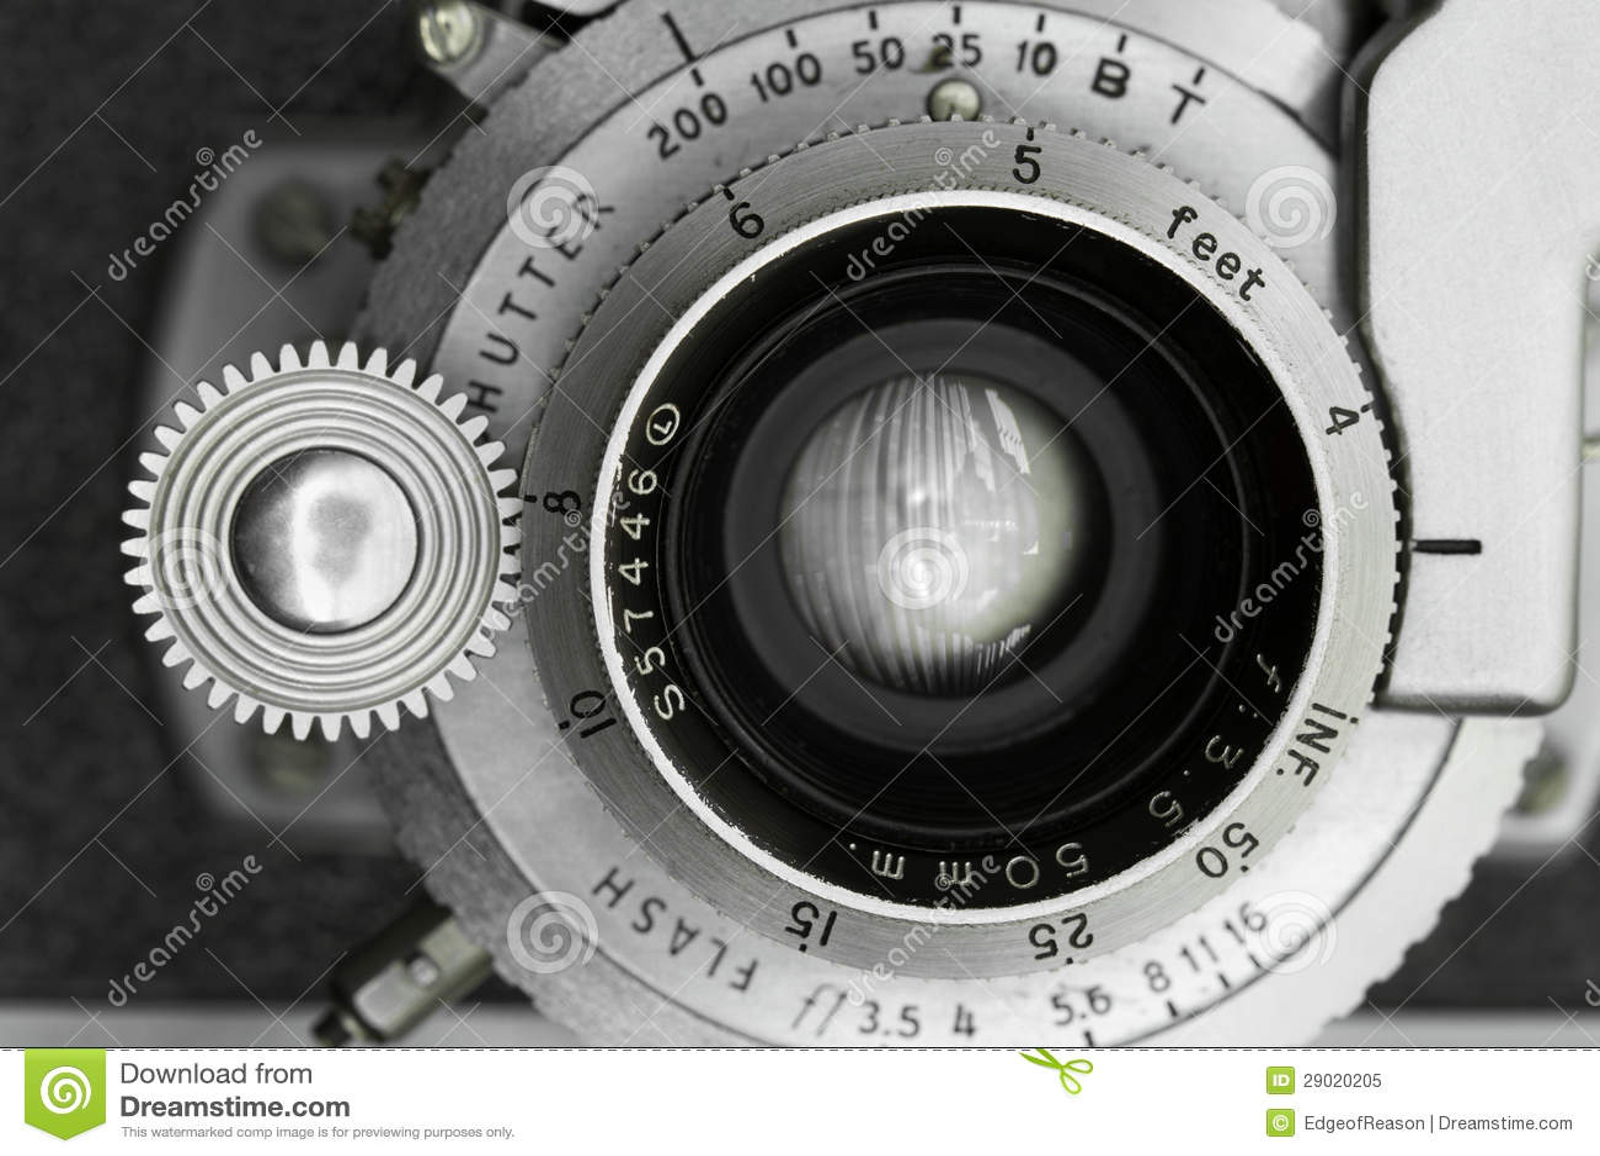 Vintage Camera Lens 17